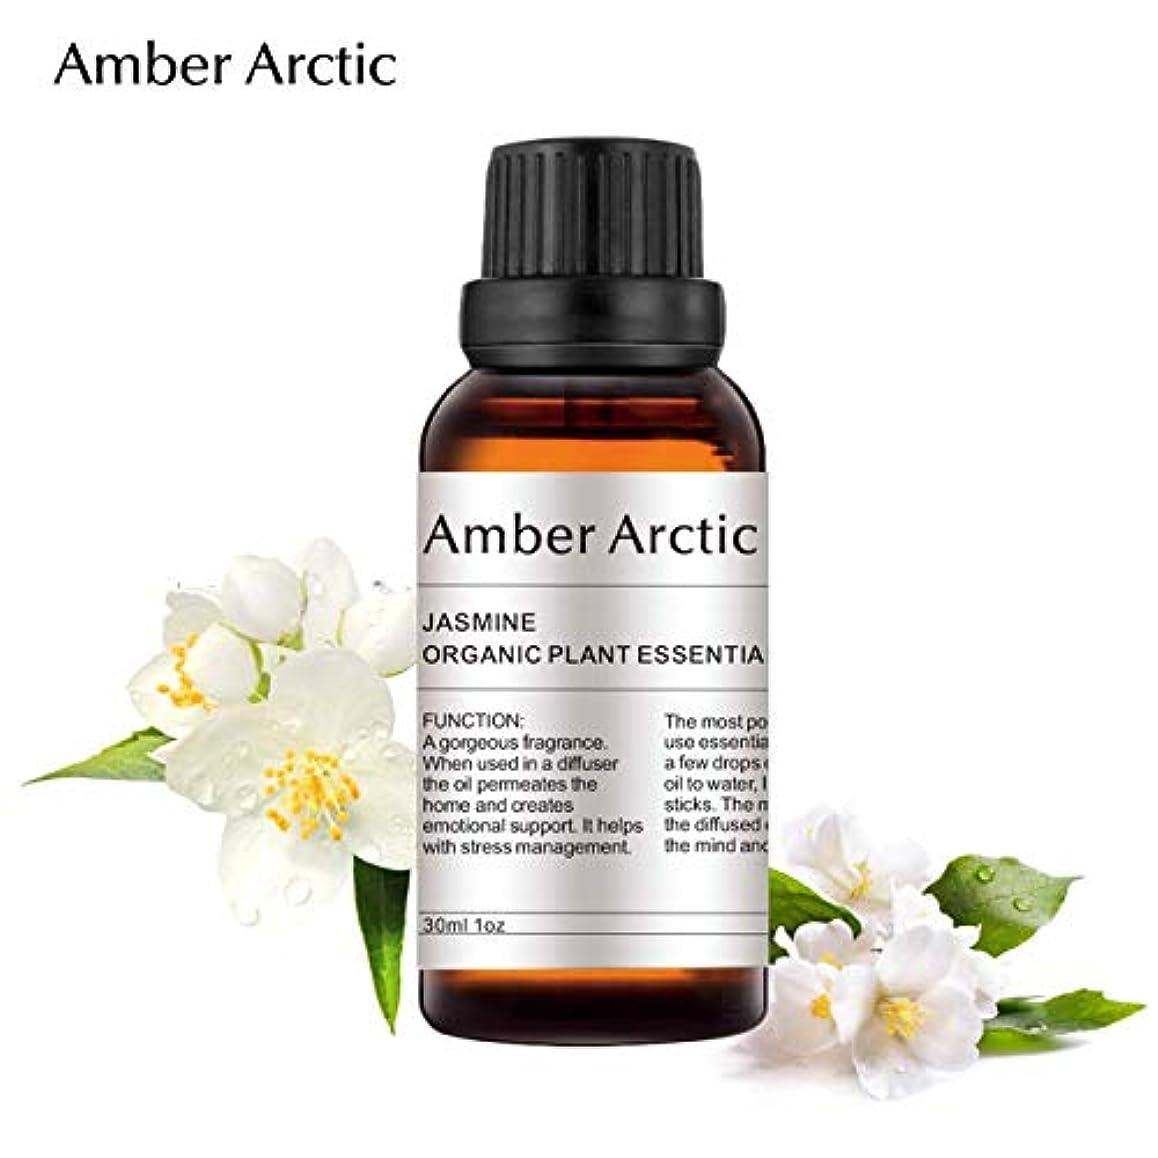 印象的煙突ゼリーAMBER ARCTIC エッセンシャル オイル ディフューザー 用 100% 純粋 新鮮 有機 植物 セラピー オイル 30Ml ジャスミン ジャスミン